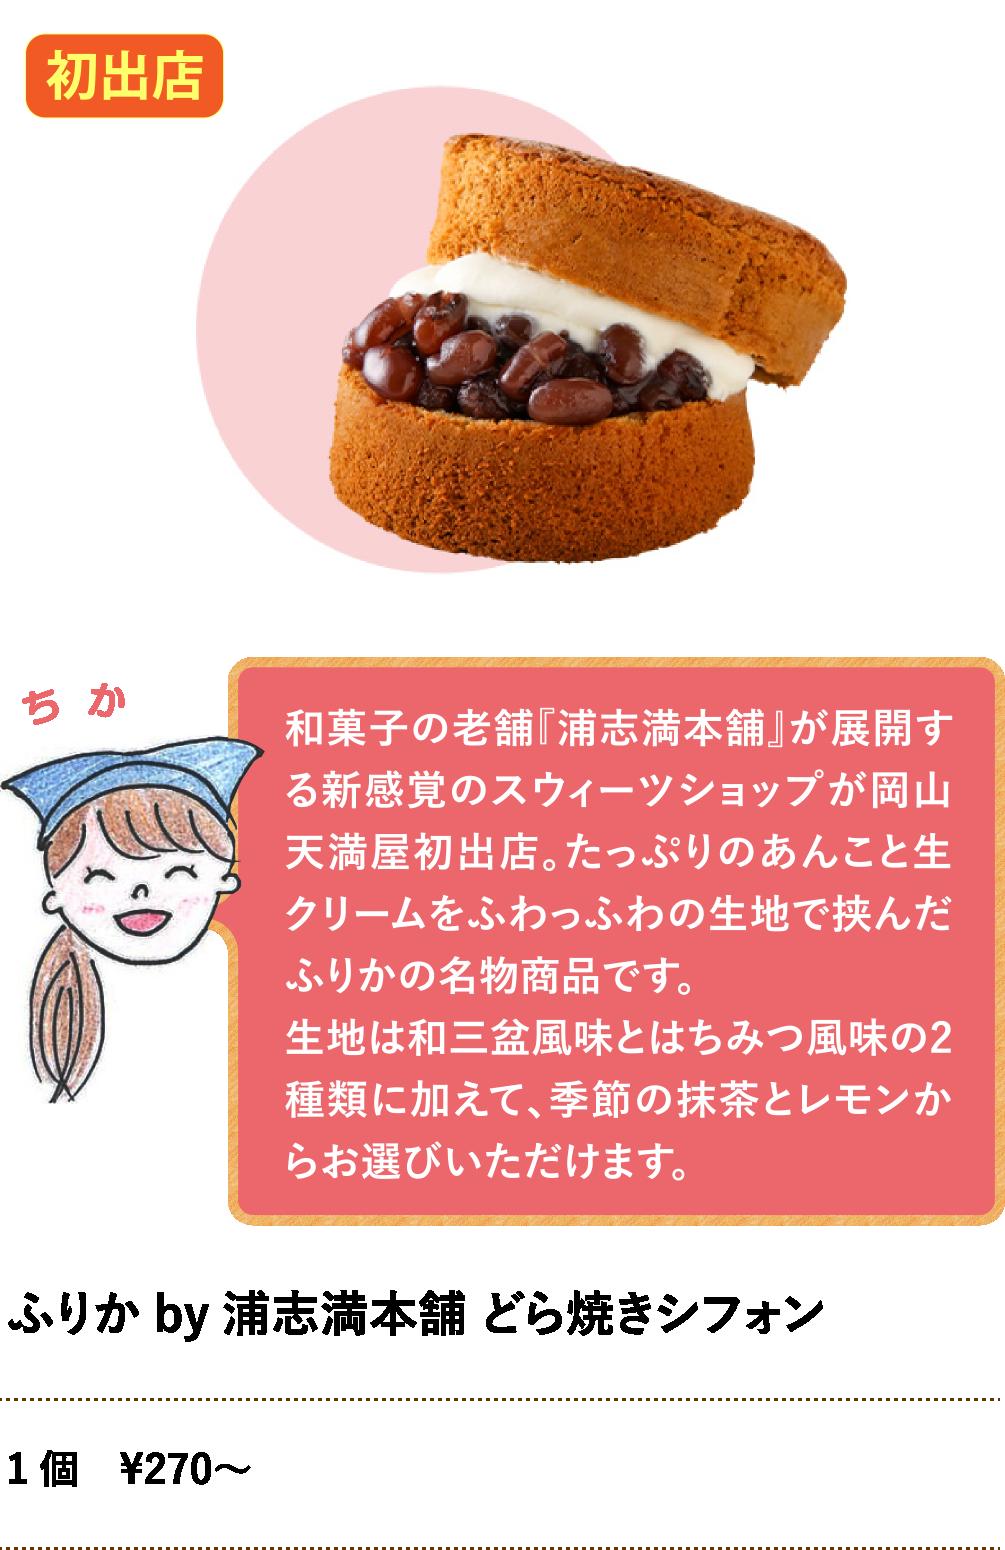 ふりか by 浦志満本舗 どら焼きシフォン